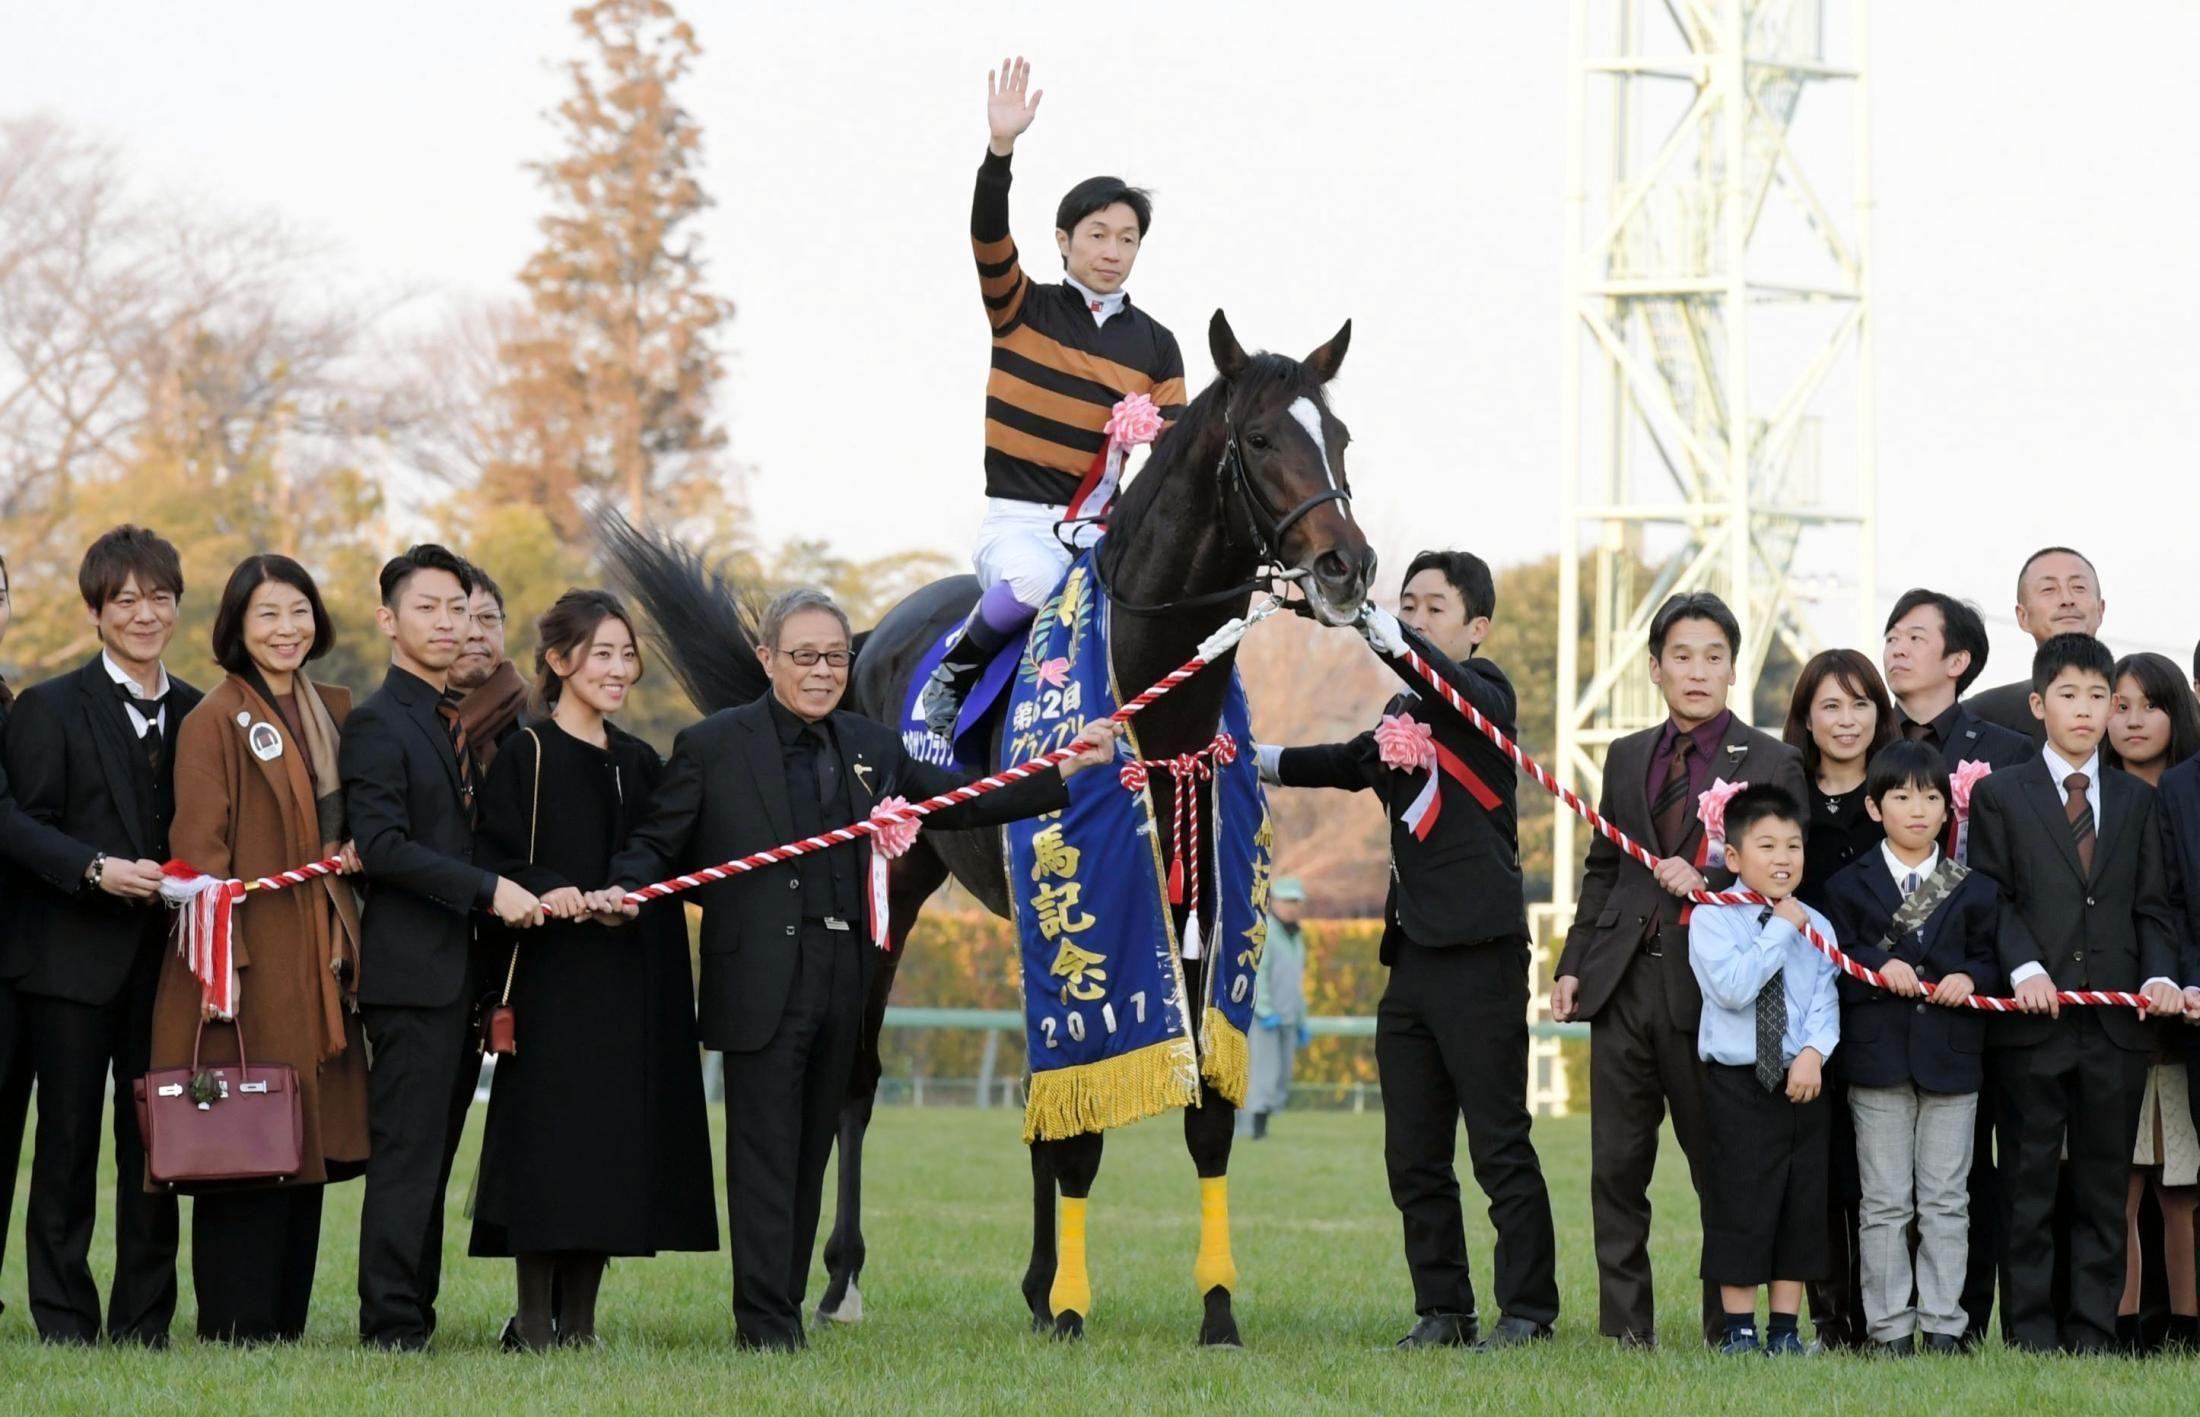 有馬記念競馬キタサンブラックと馬主の壁紙